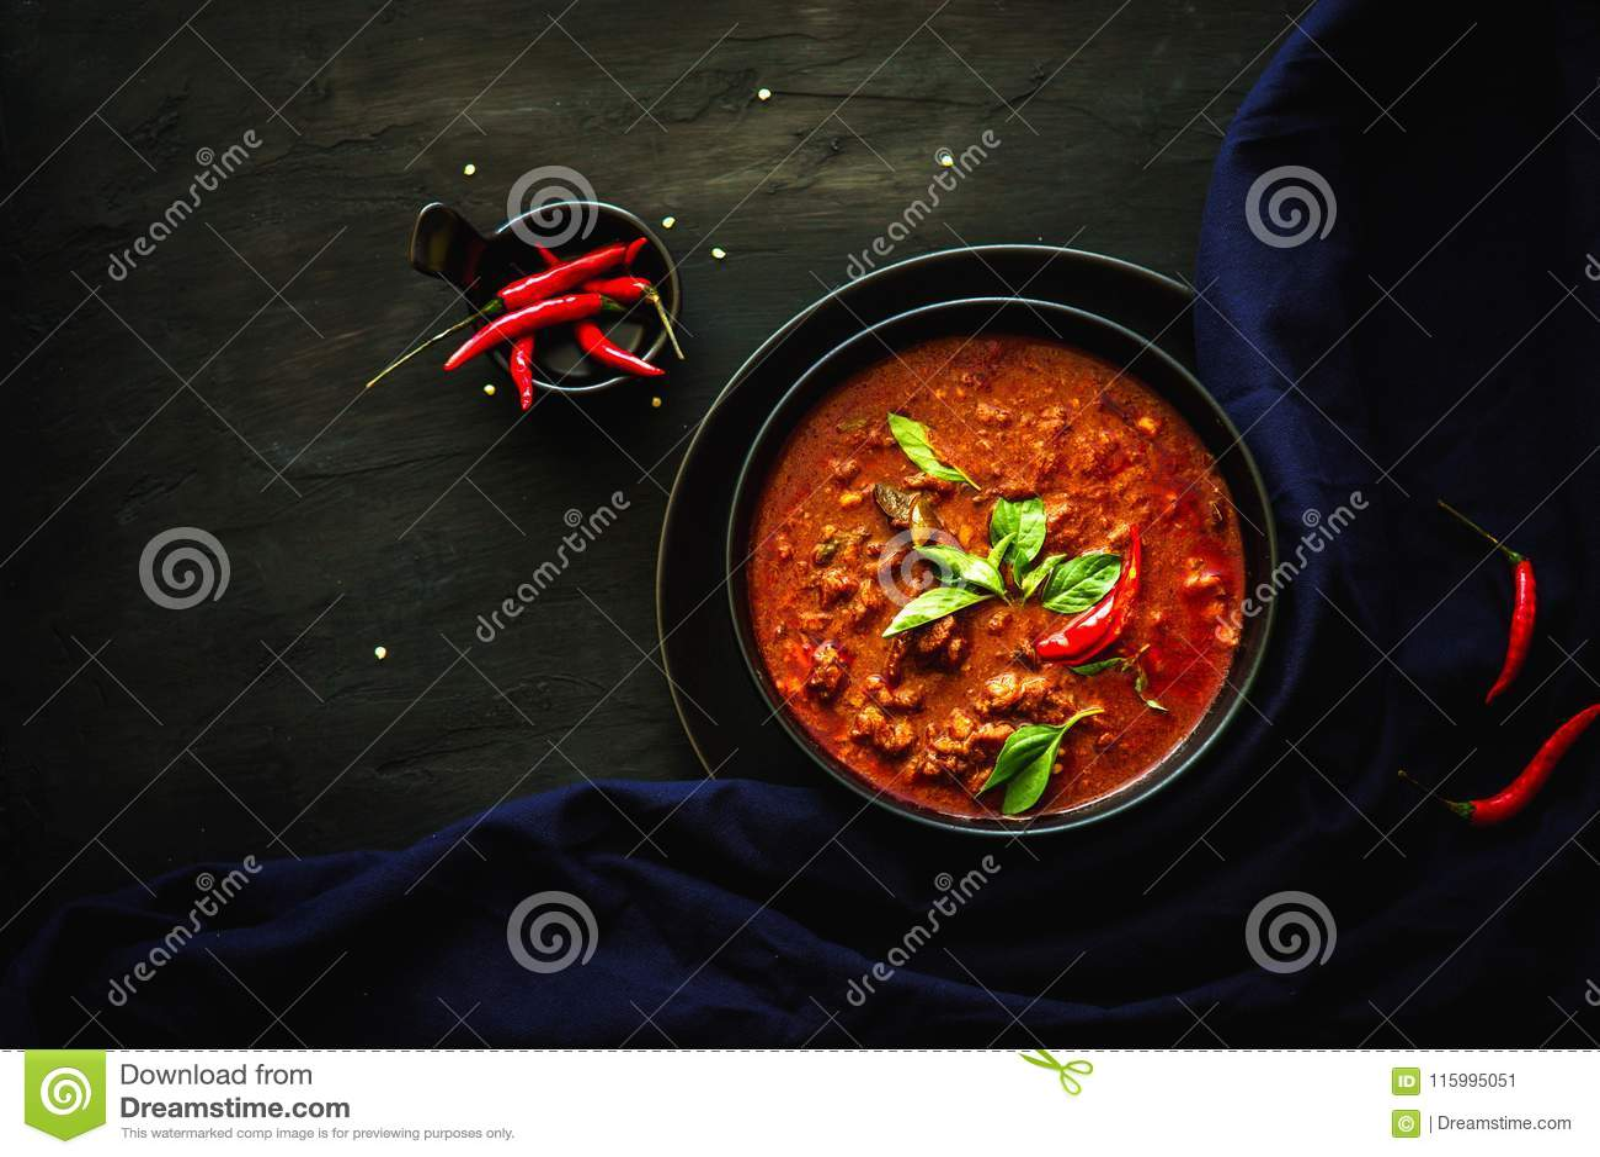 Tajlandia tradycyjna kuchnia, Czerwony curry, curry polewka, uliczny jedzenie, ciemny karmowy fotografia azjata jedzenie